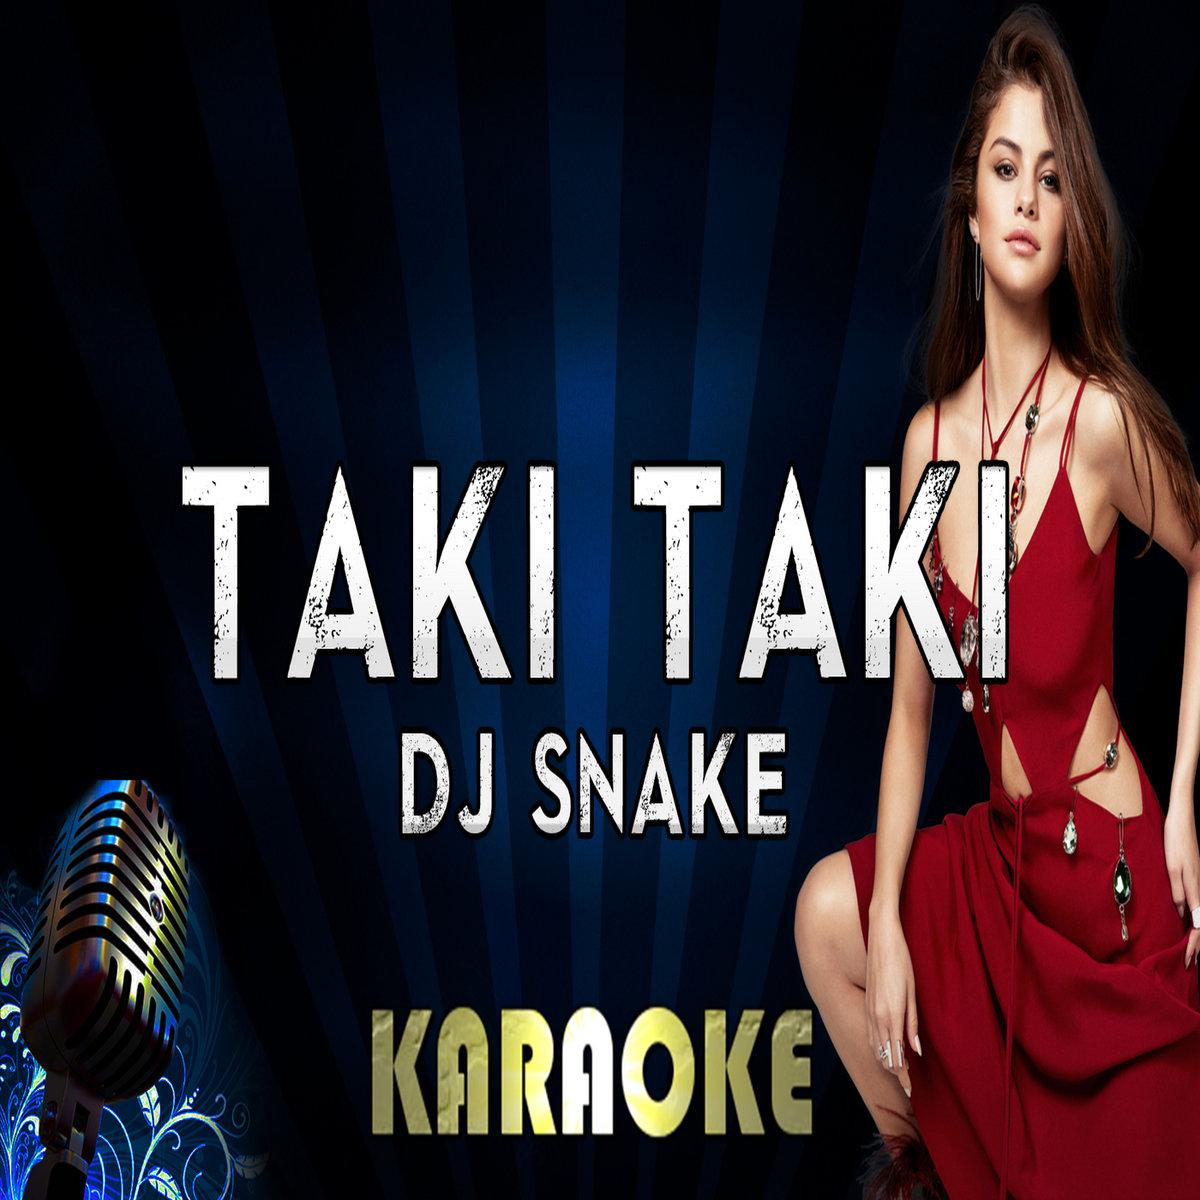 dj snake taki taki download musicpleer